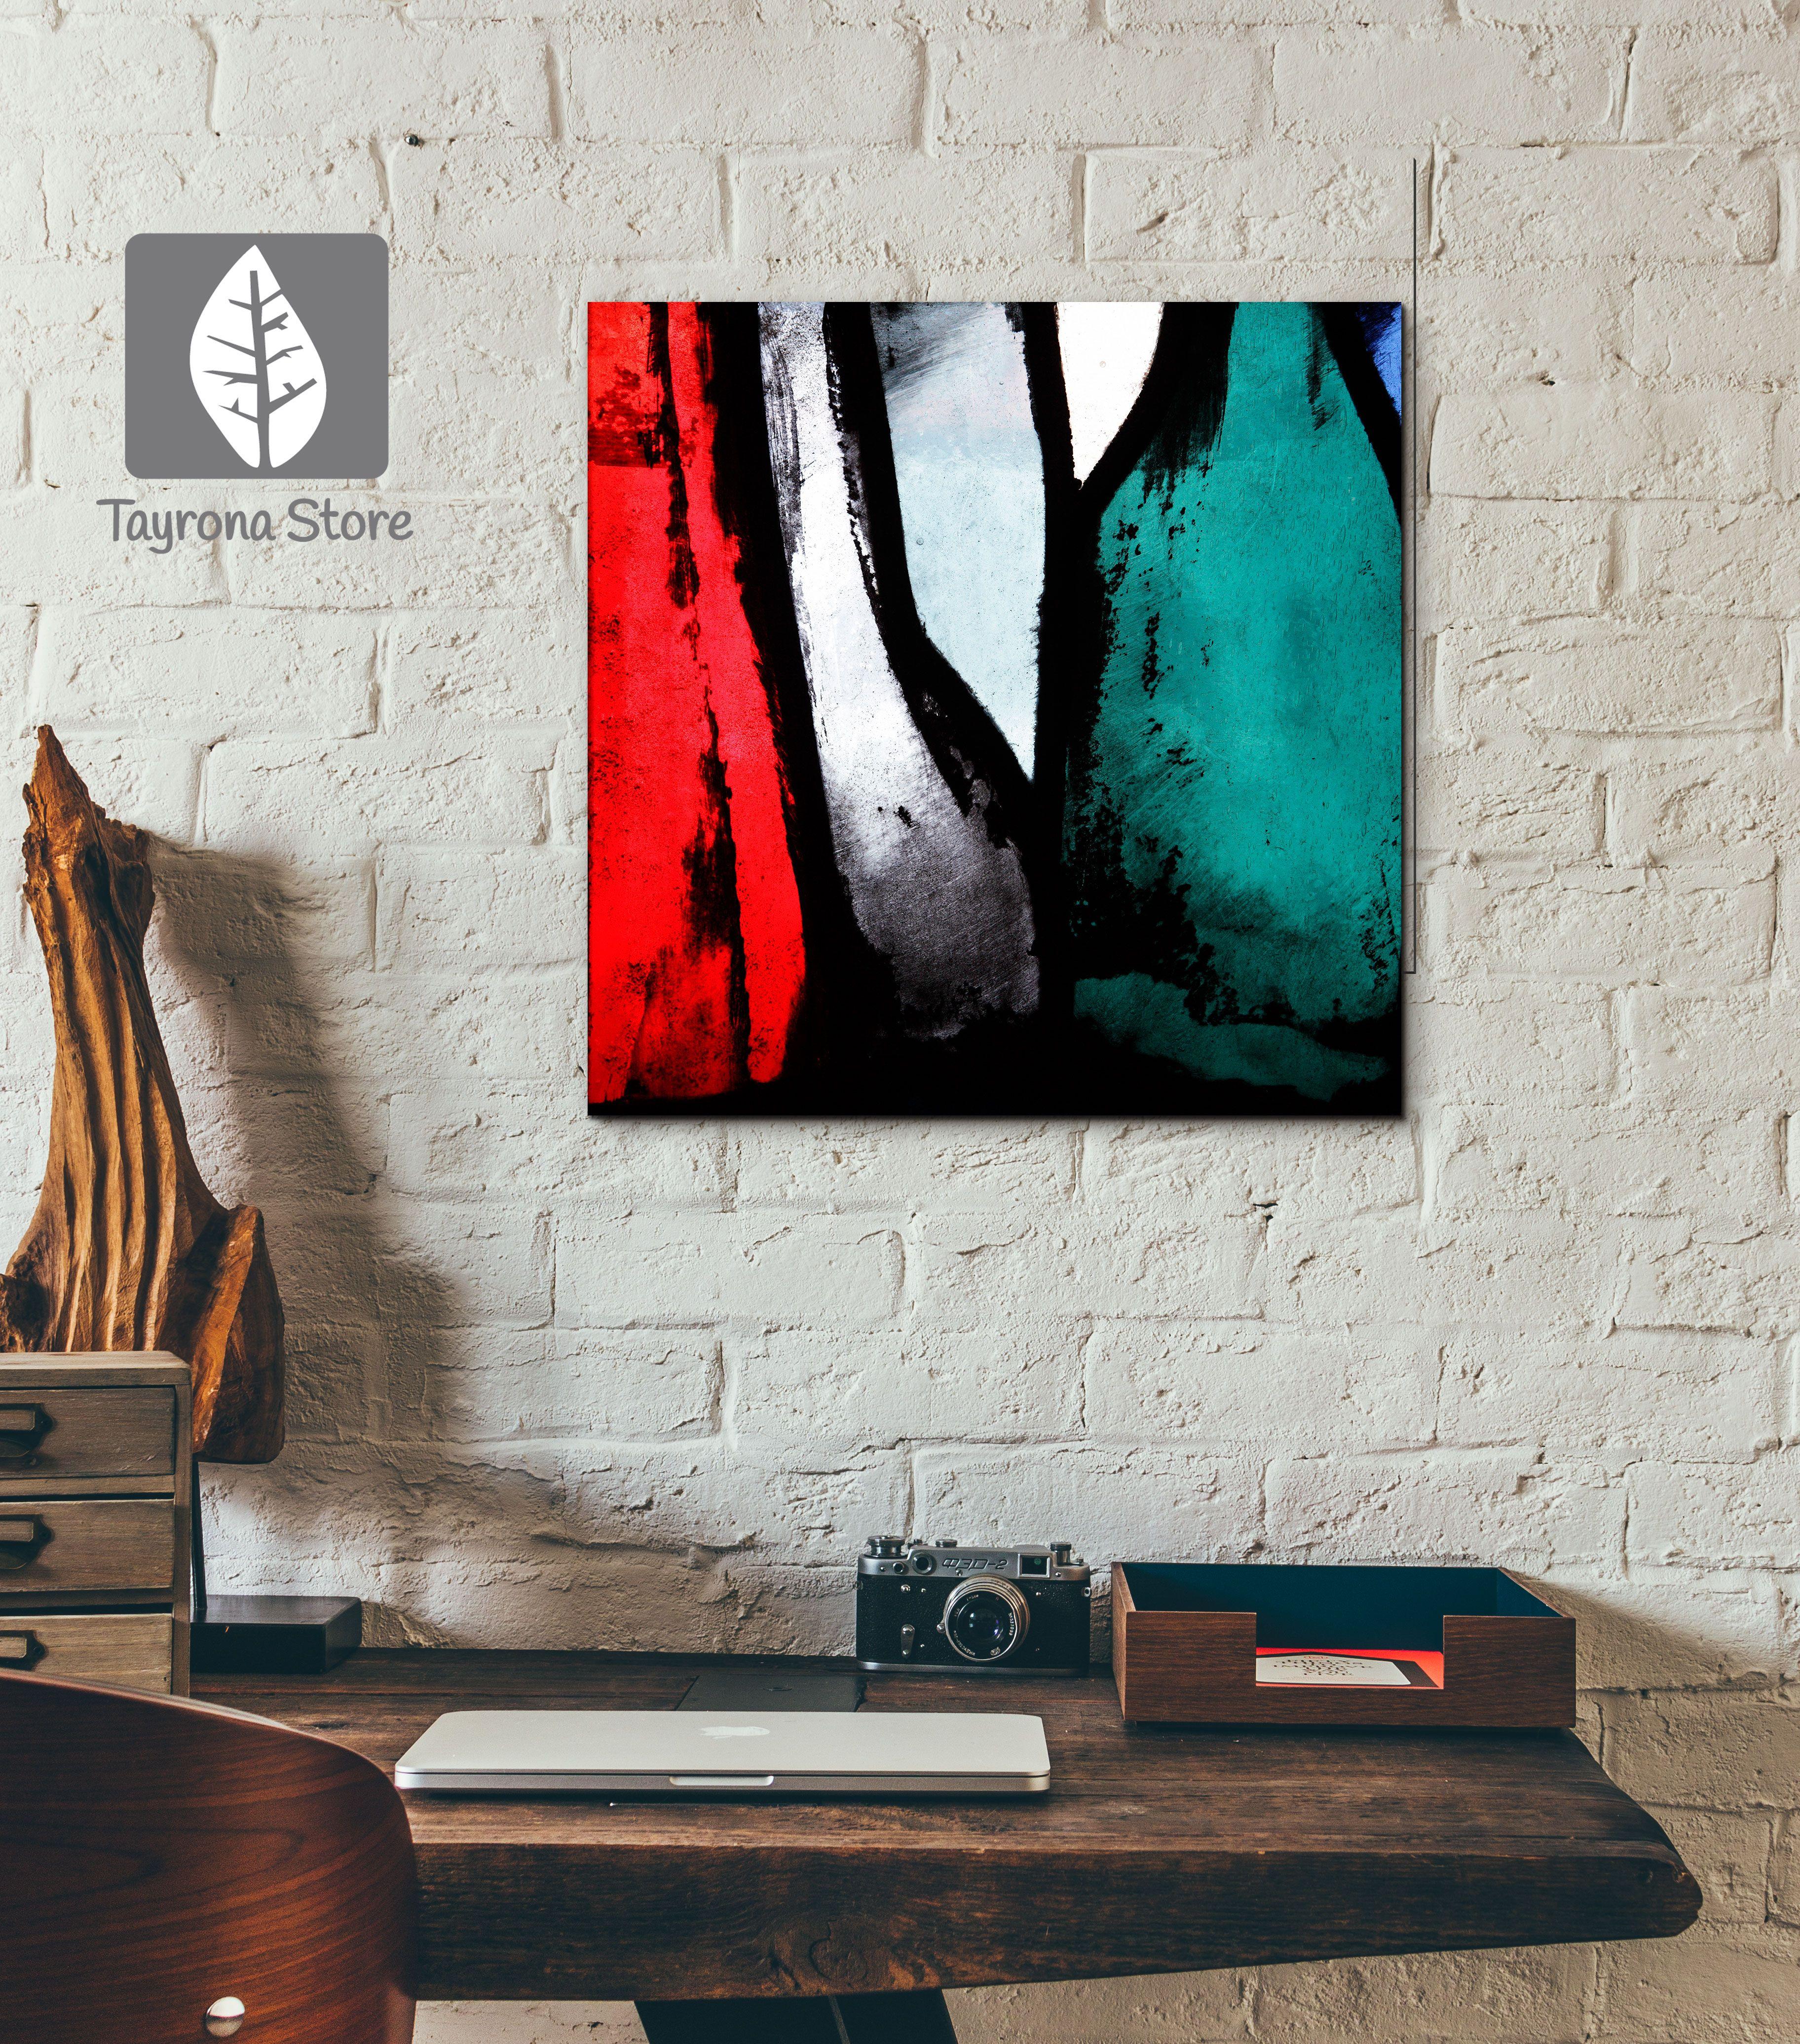 Cuadros Decorativos abstracto-24 #tayronastore,#cuadros #decorativos ...